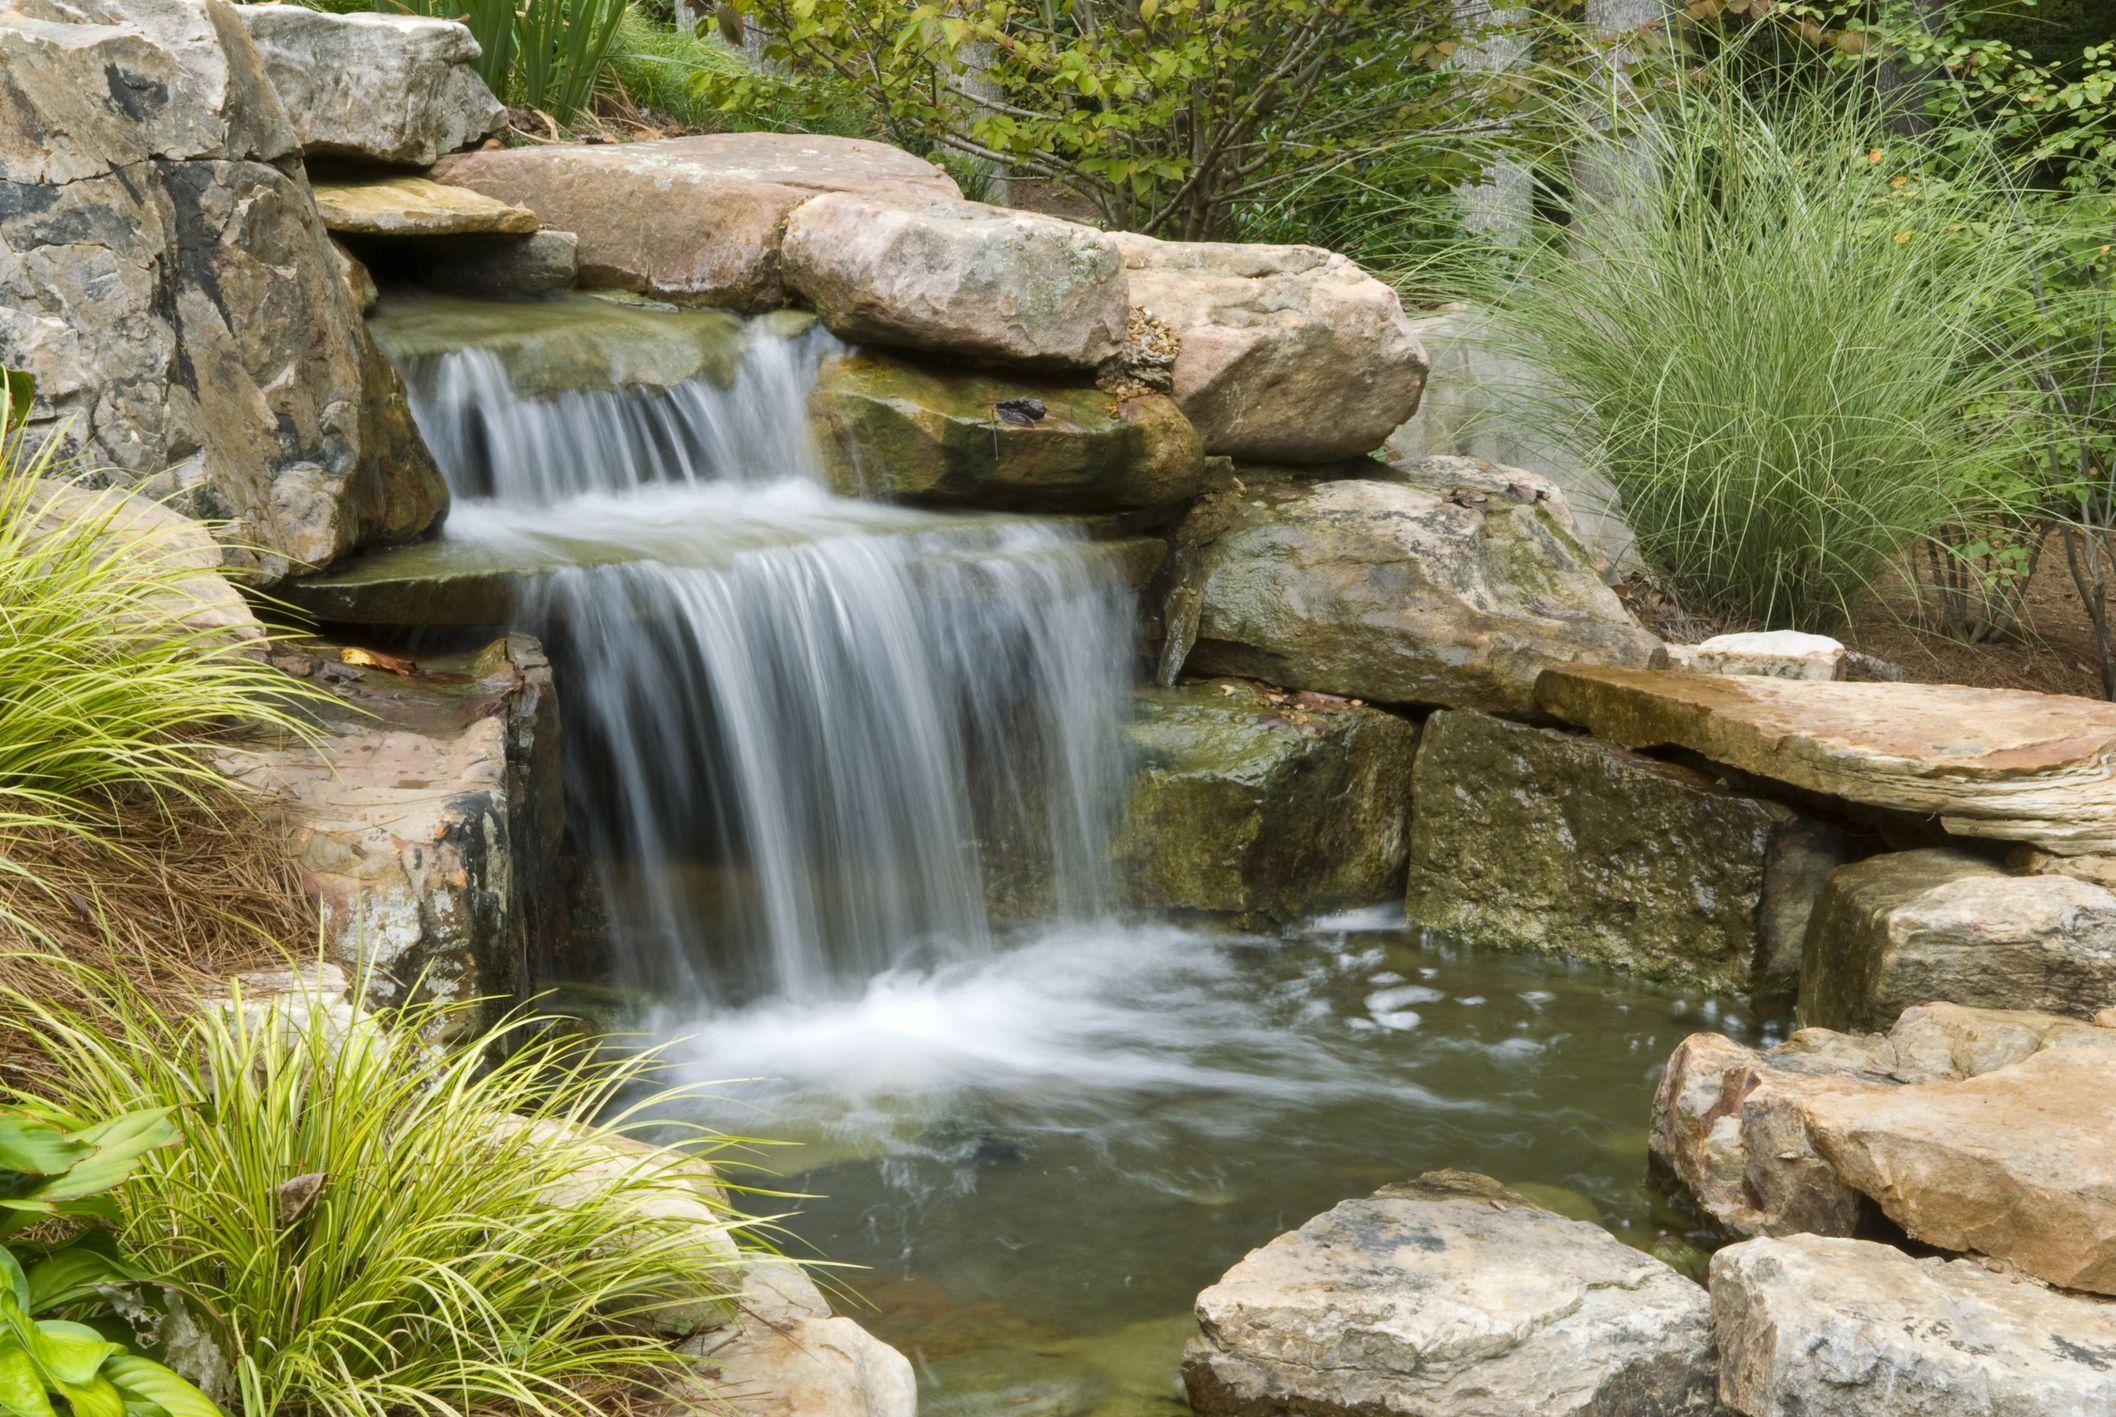 водопады на садовом участке в картинках оригинальное изображение